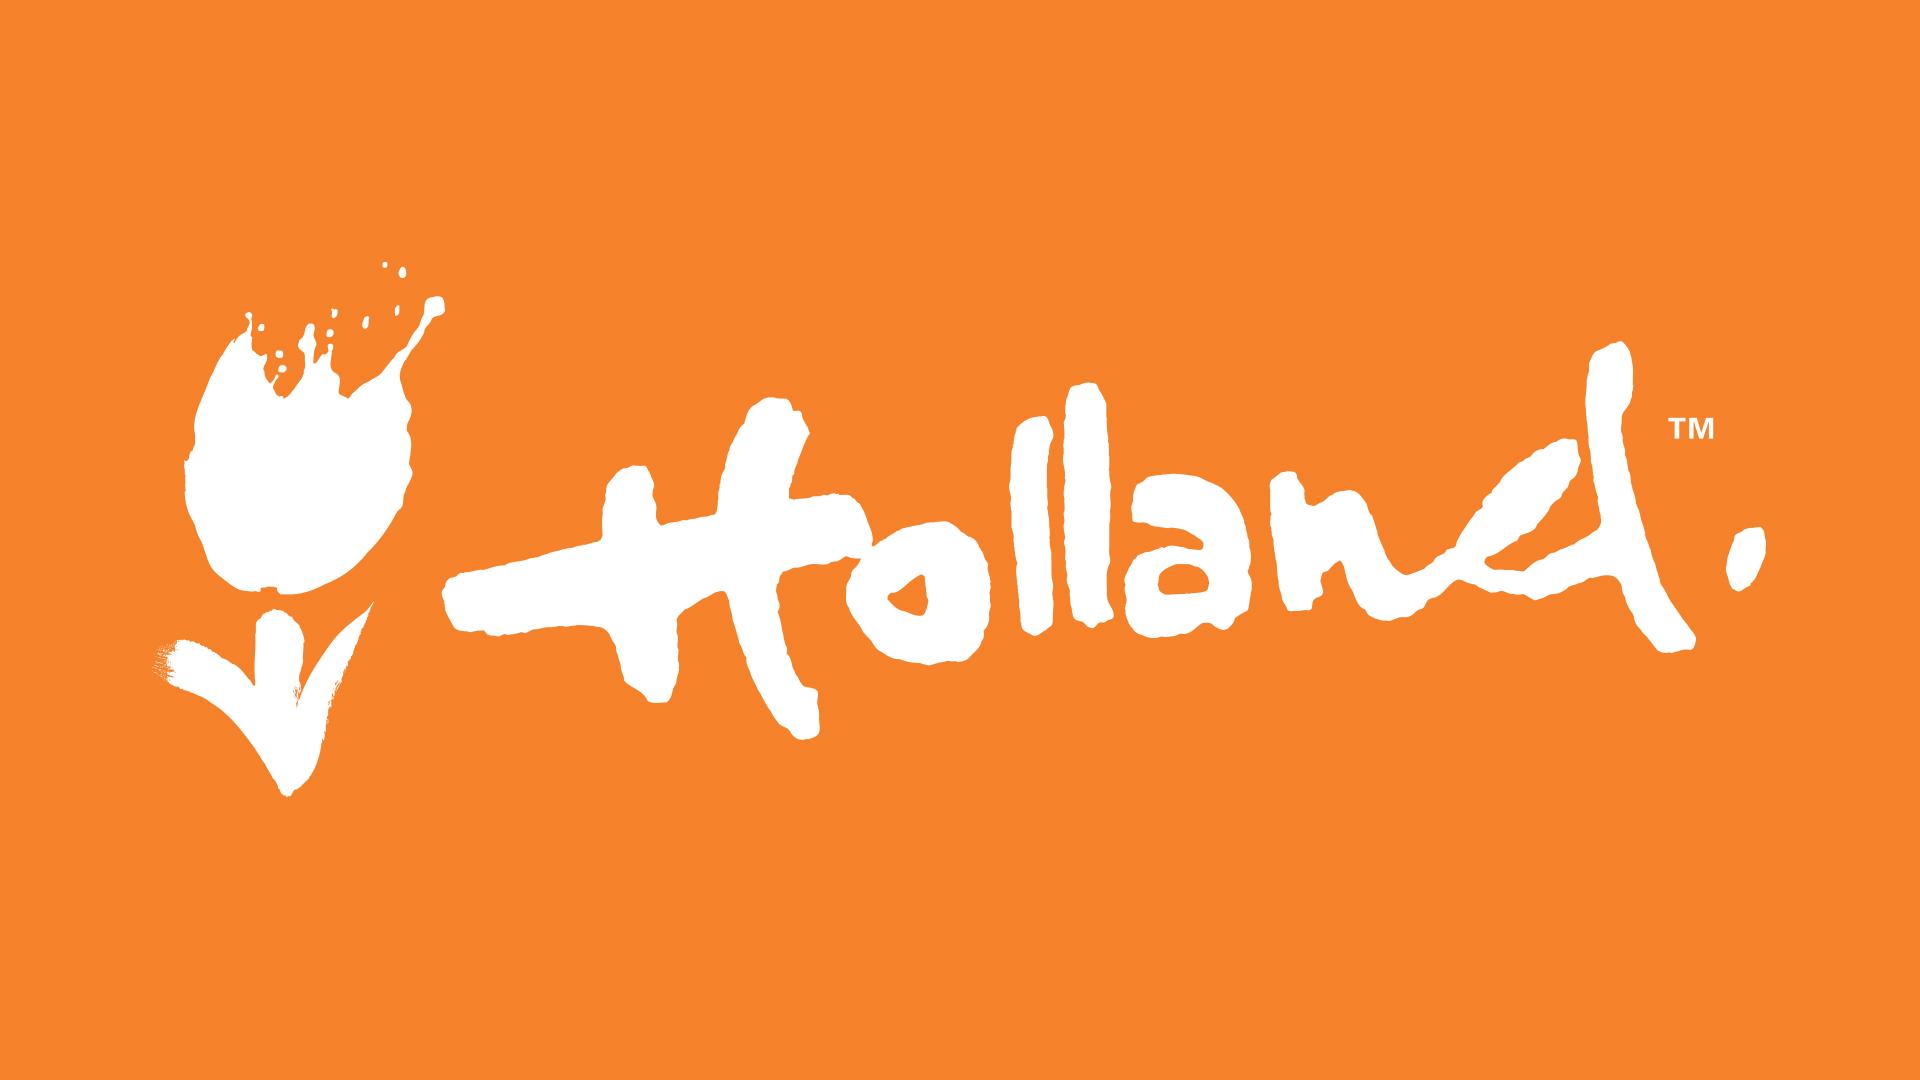 Why Invest in Holland?  - Promotiefilm voor het NFIA (Netherlands Foreign Investment Agency) om buitenlandse bedrijven te overtuigen van de voordelen van vestiging in Nederland.